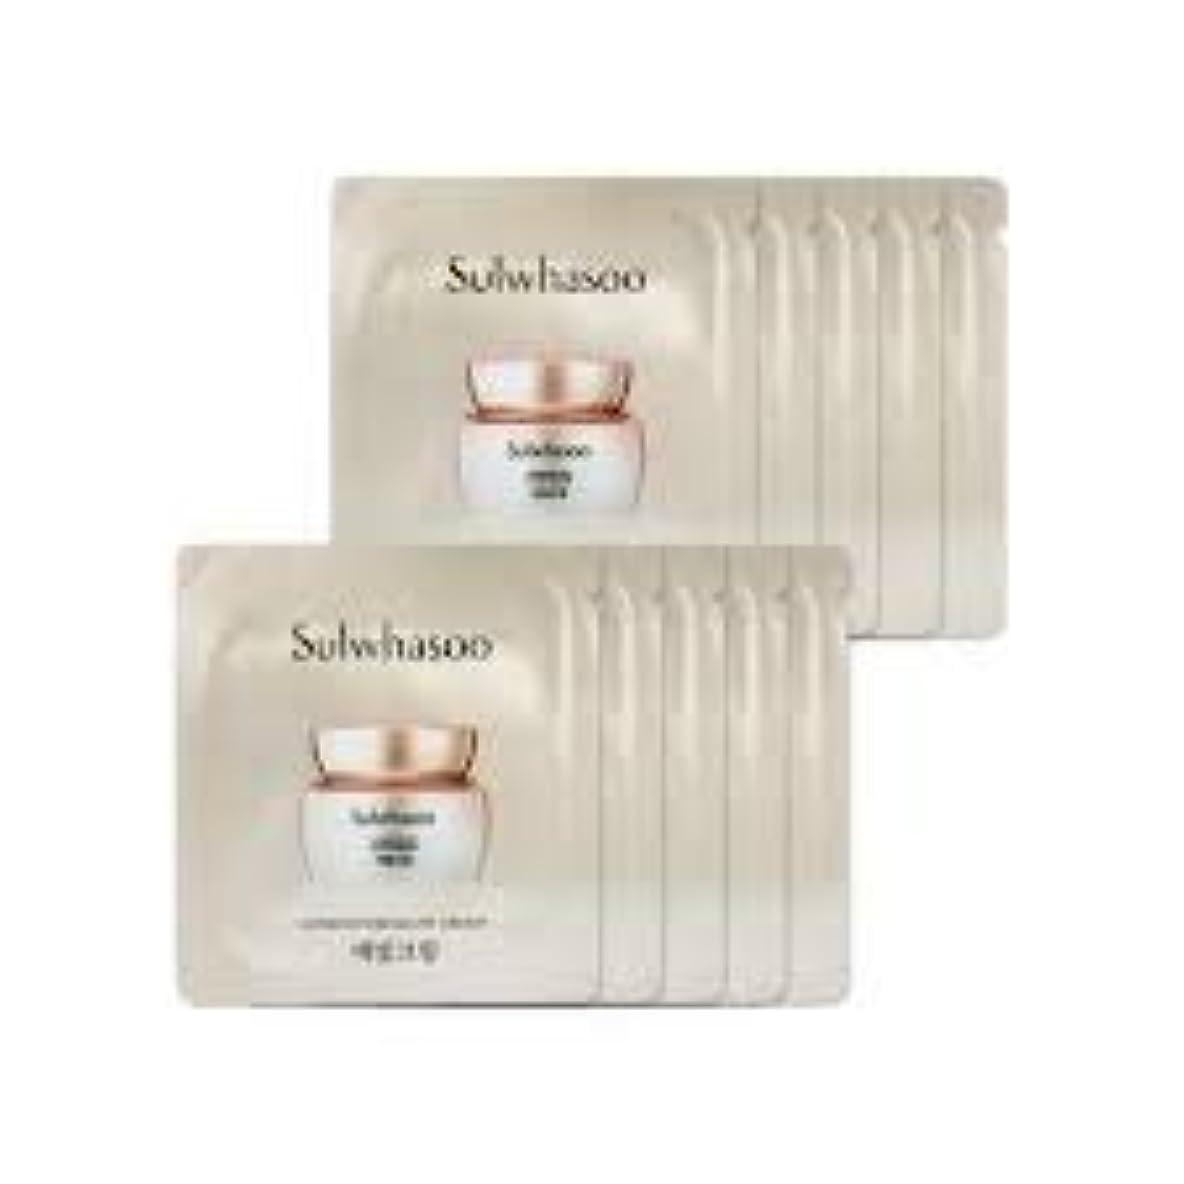 ダム山積みの暗唱する[ソルファス ] Sulwhasoo (雪花秀) ルミナチュアグロー Luminature Glow Cream 1ml x 30 (イェビトクリーム) [ShopMaster1]